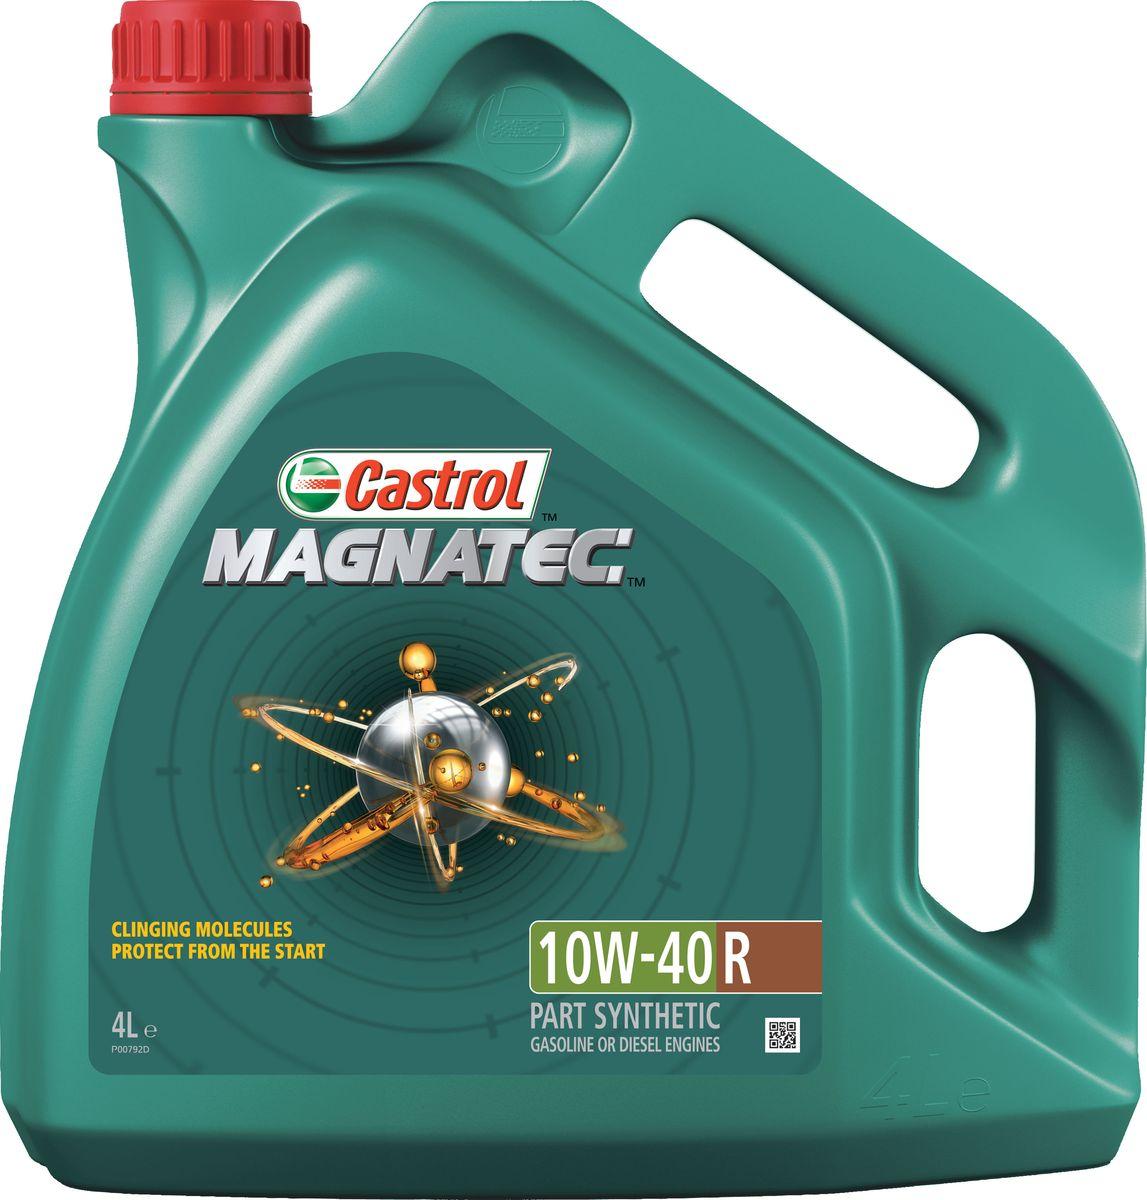 """Моторное масло Castrol Magnatec 10W-40 A3/B4, 4 л156EB4Описание До 75% износа двигателя происходит во время его пуска и прогрева. Когда двигатель выключен, обычное масло стекает в поддон картера, оставляя важнейшие детали двигателя незащищенными. Молекулы Castrol Magnatec подобно магниту притягиваются к деталям двигателя и образуют сверхпрочную масляную пленку, обеспечивающую дополнительную защиту двигателя в период пуска, когда риск возникновения износа существенно возрастает. Применение Моторное масло Castrol Magnatec 10W-40 R подходит для применения в бензиновых и дизельных двигателях, в которых производитель рекомендует использовать смазочные материалы соответствующие классу вязкости SAE 10W-40 и спецификациям ACEA A3/B4, A3/B3, API SL/CF или более ранним. Castrol Magnatec 10W-40 R одобрено к использованию в автомобилях ведущих производителей техники (см. раздел «Спецификации» и руководство по эксплуатации автомобиля). Преимущества Компоненты пакета присадок моторного масла Castrol Magnatec """"Intelligent Molecules"""": - в сочетании с..."""